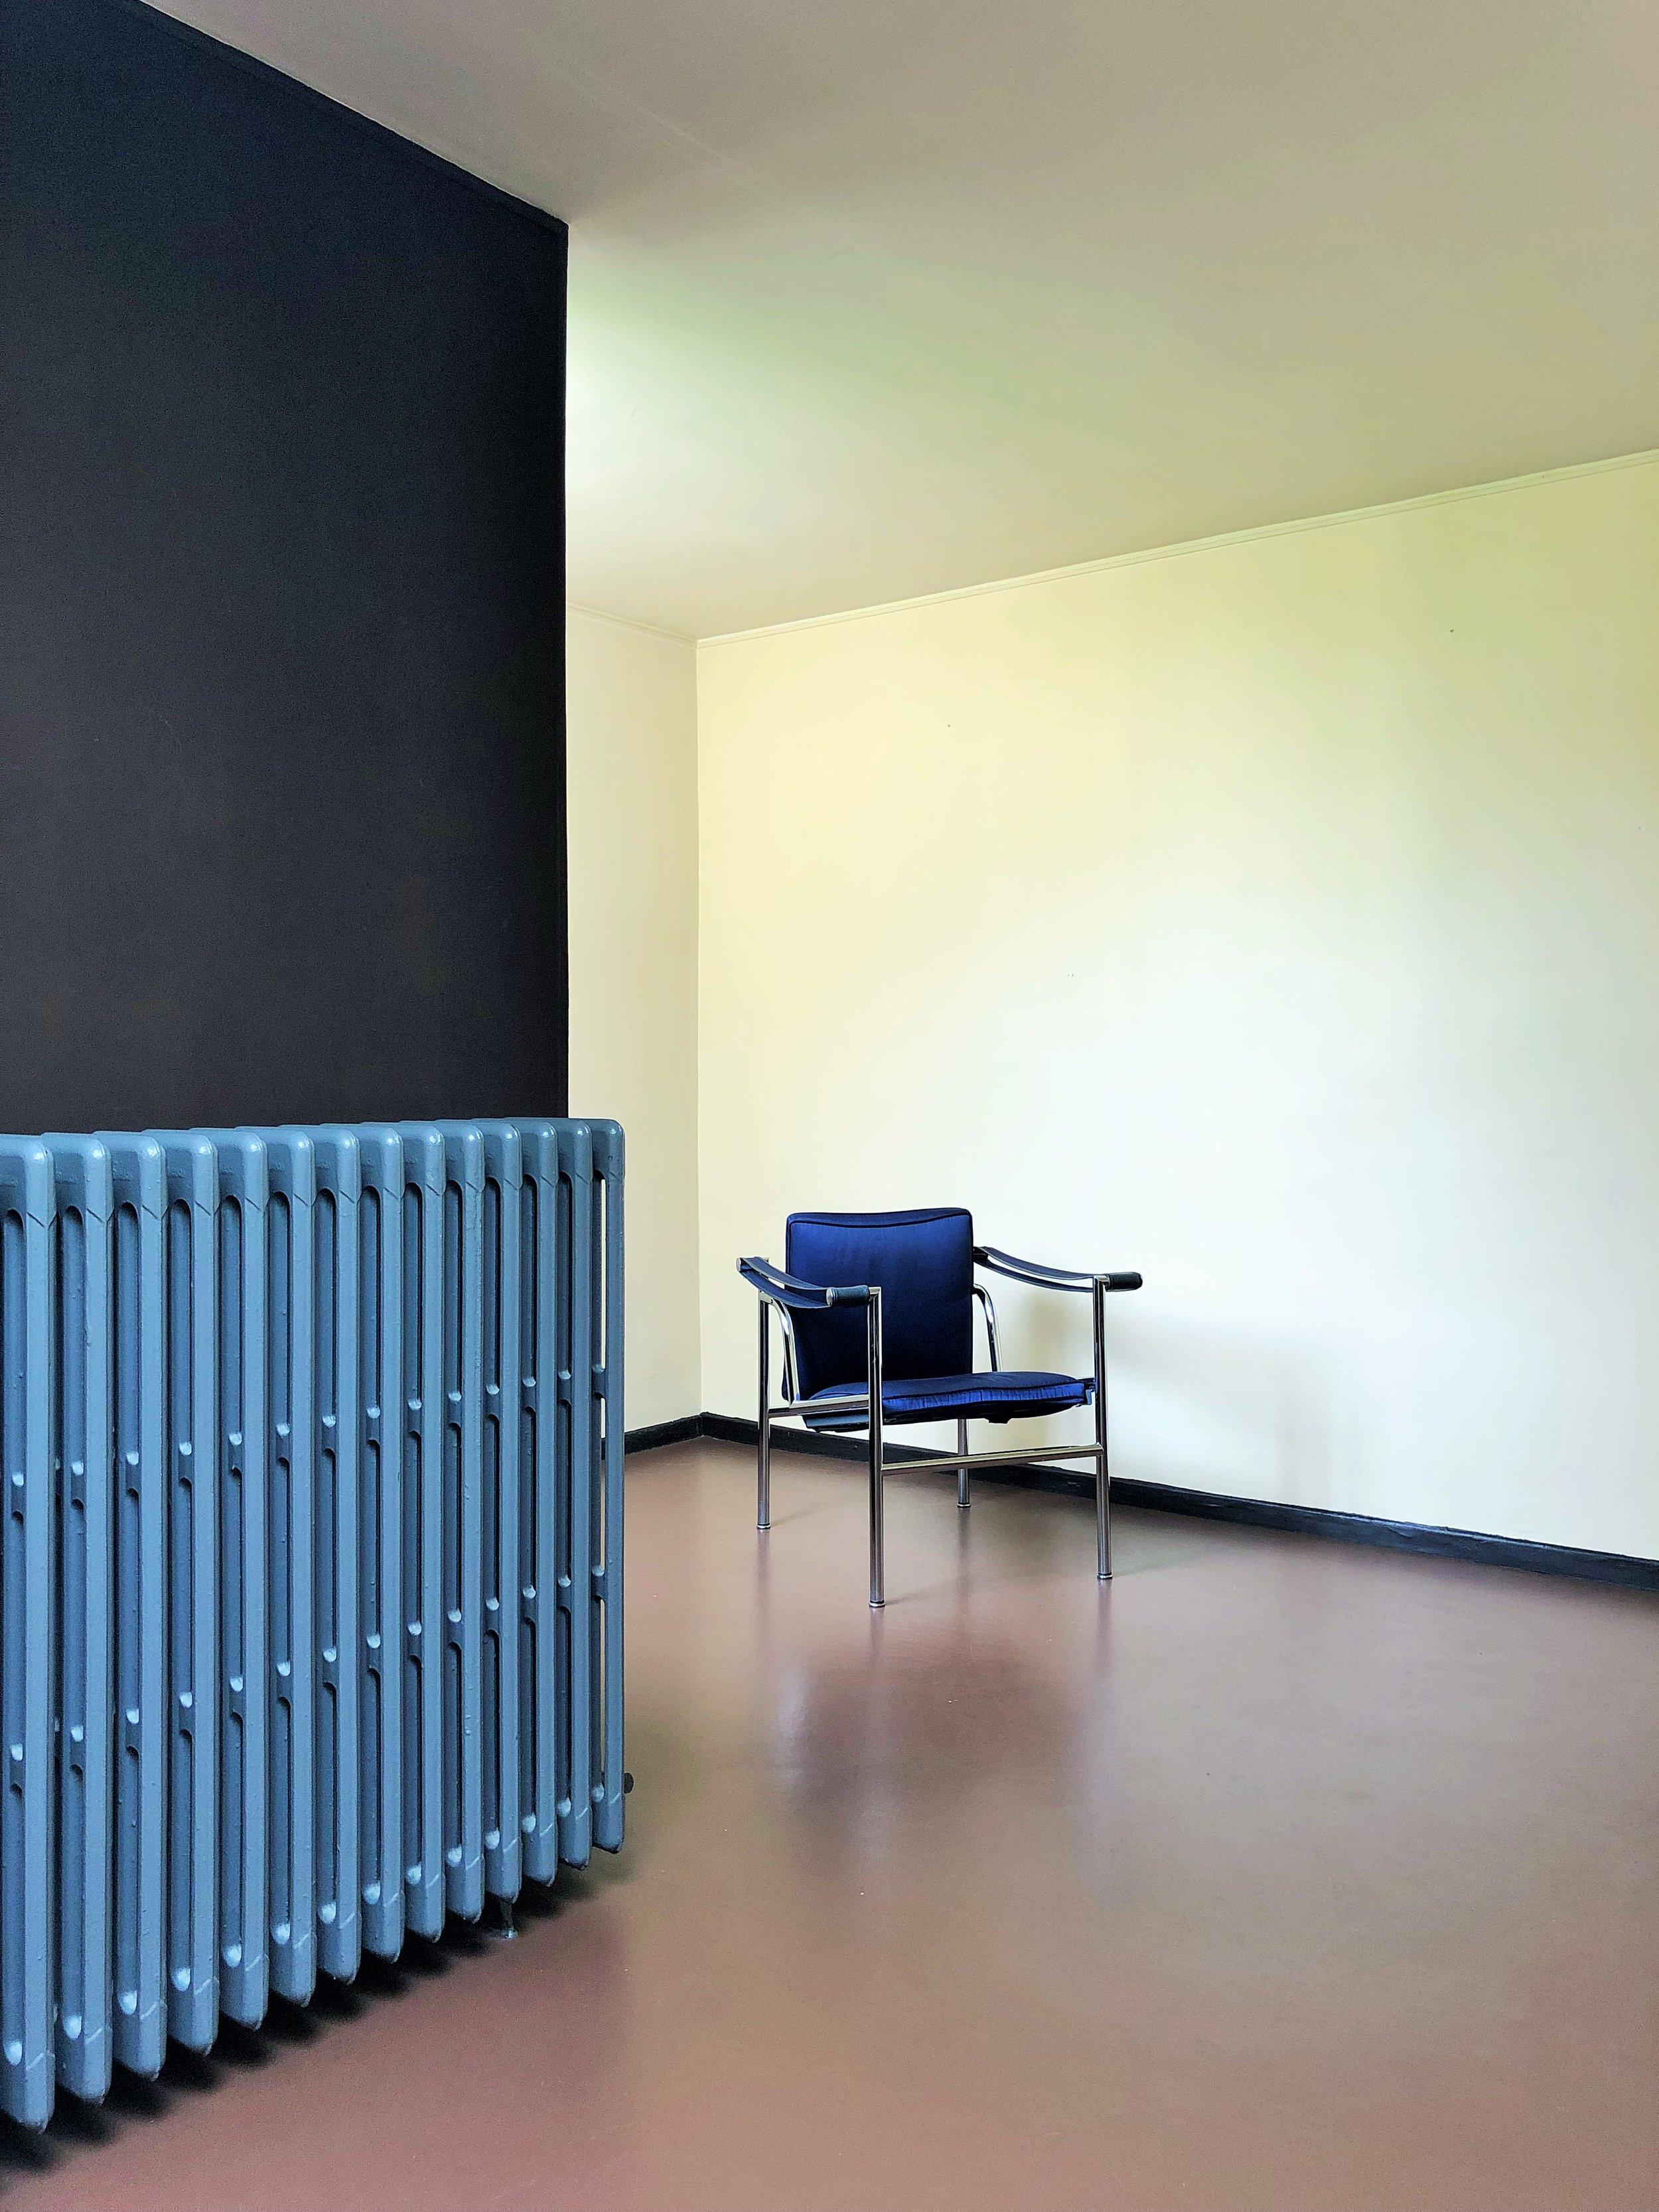 The library, Maison La Roche, by Le Corbusier Photograph ©The London List